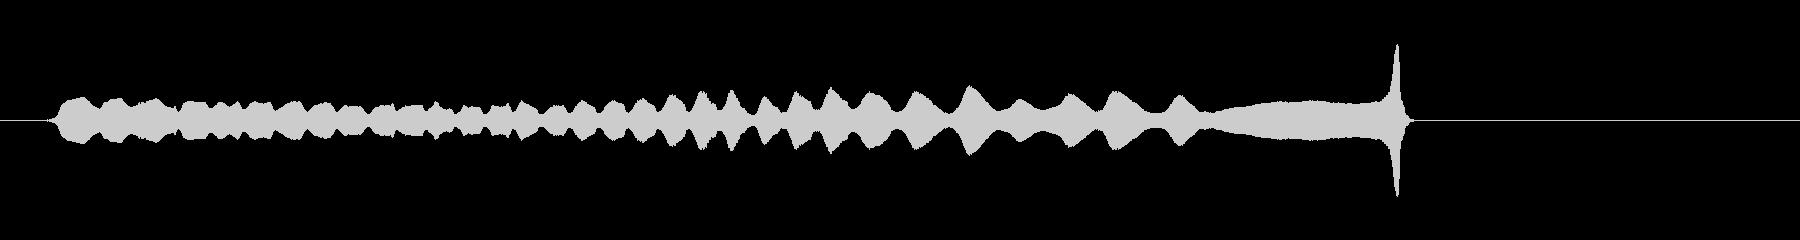 口オルガン、ビブラート、ロングファ...の未再生の波形